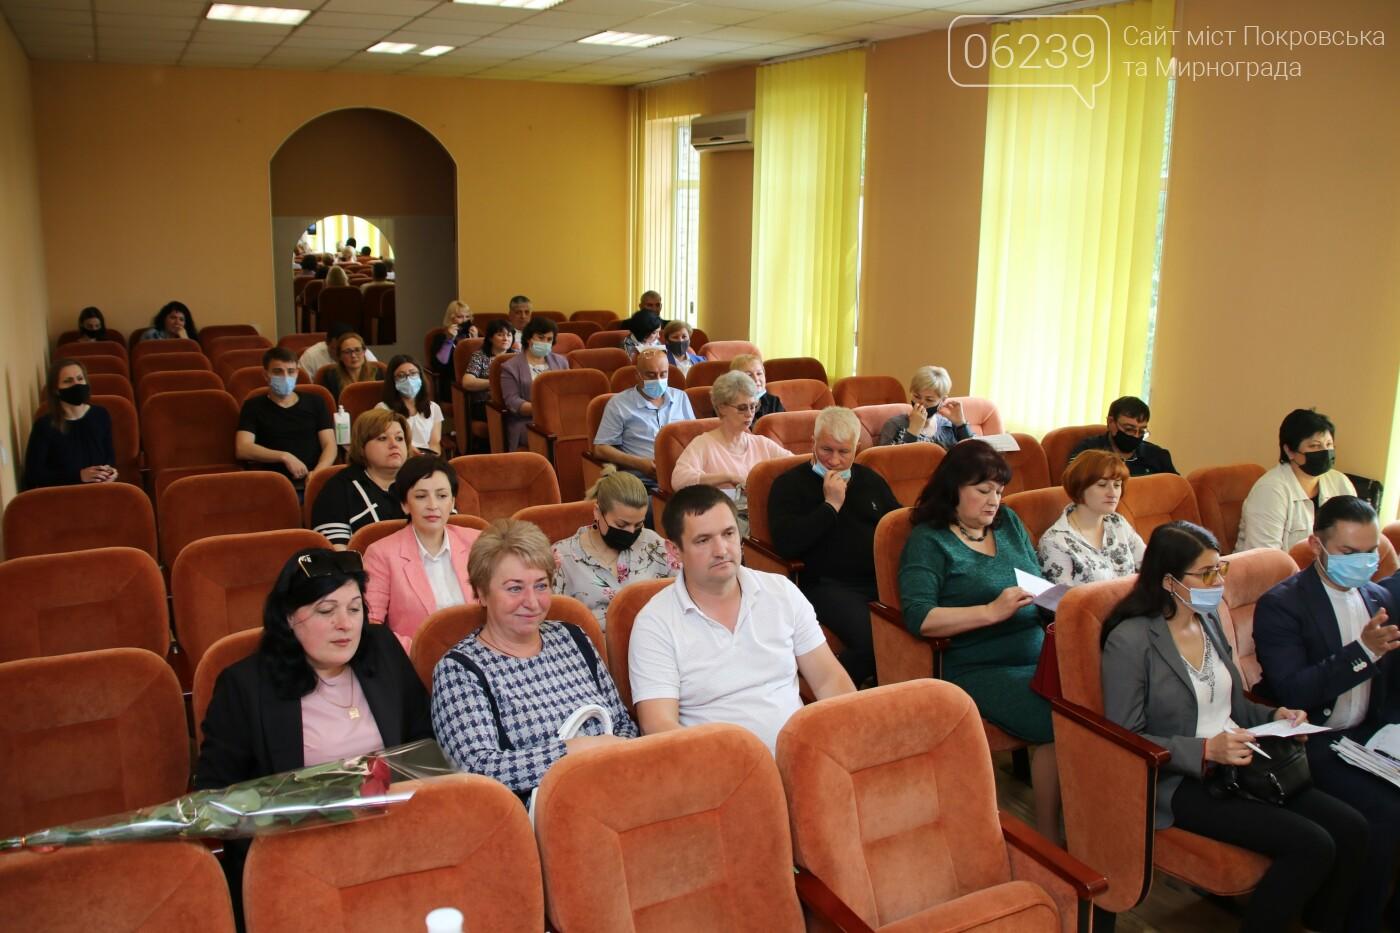 Вопросы благоустройства города и местного бюджета: в Мирнограде состоялась сессия городского совета, фото-2